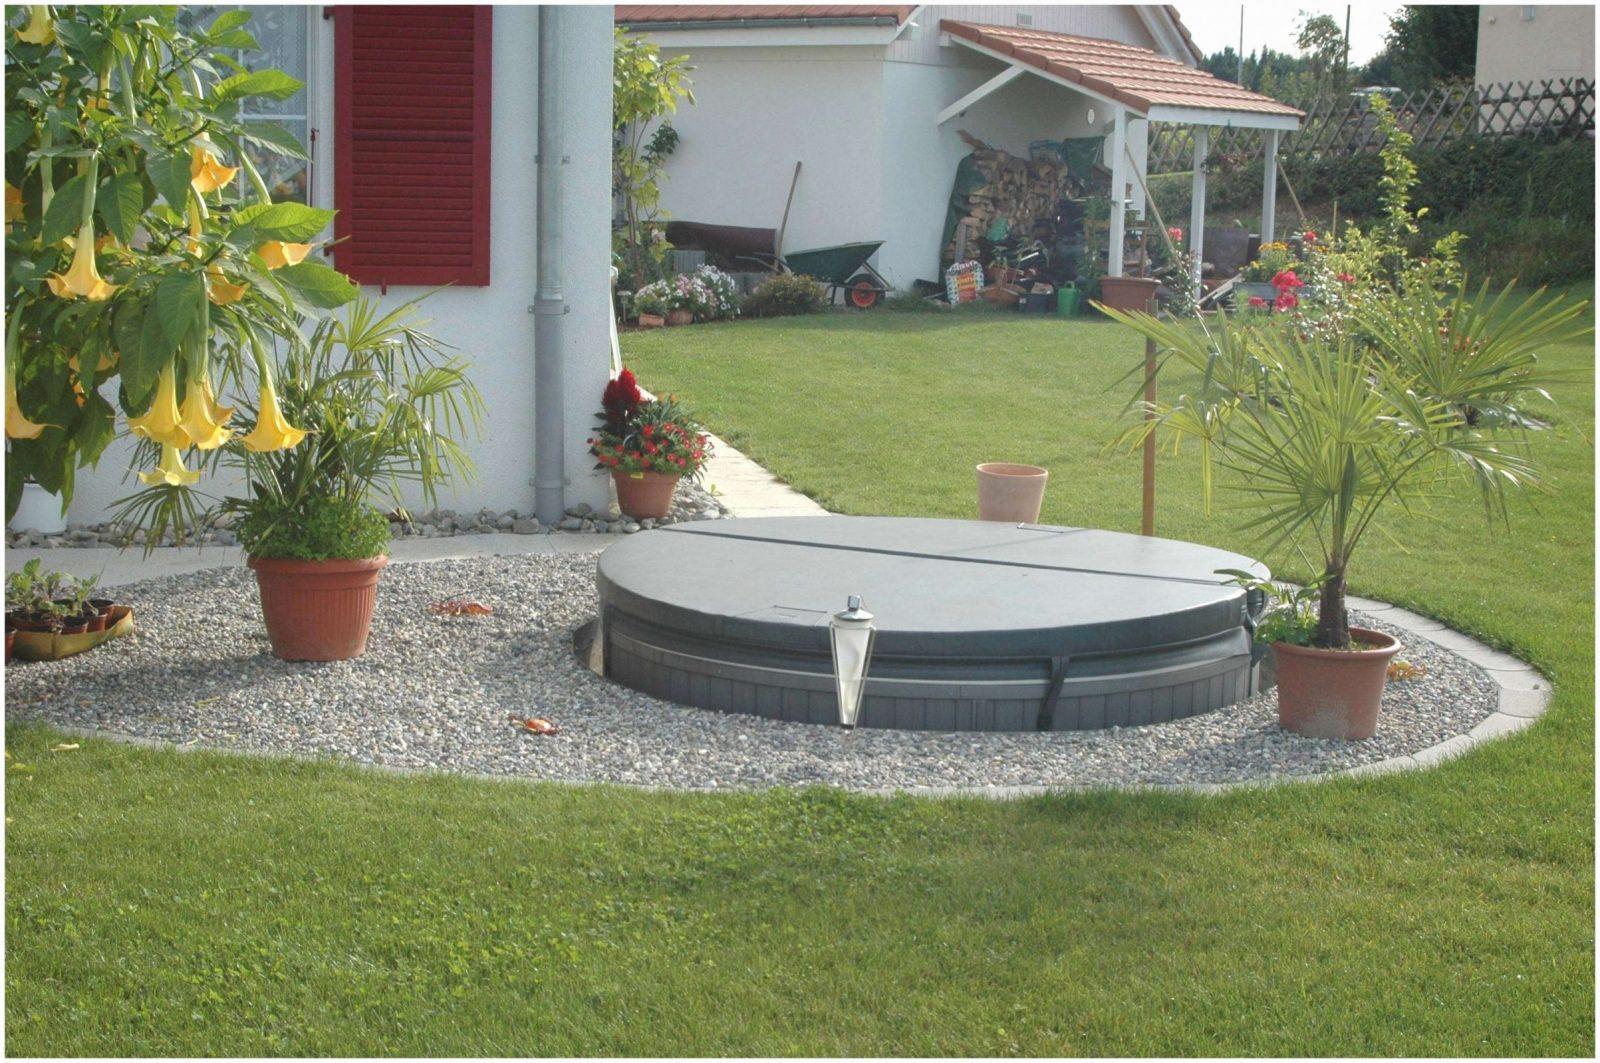 Whirlpool Garten Selber Bauen Luxus 20 Pool Selber Bauen Kosten von Whirlpool Selber Bauen Holz Photo